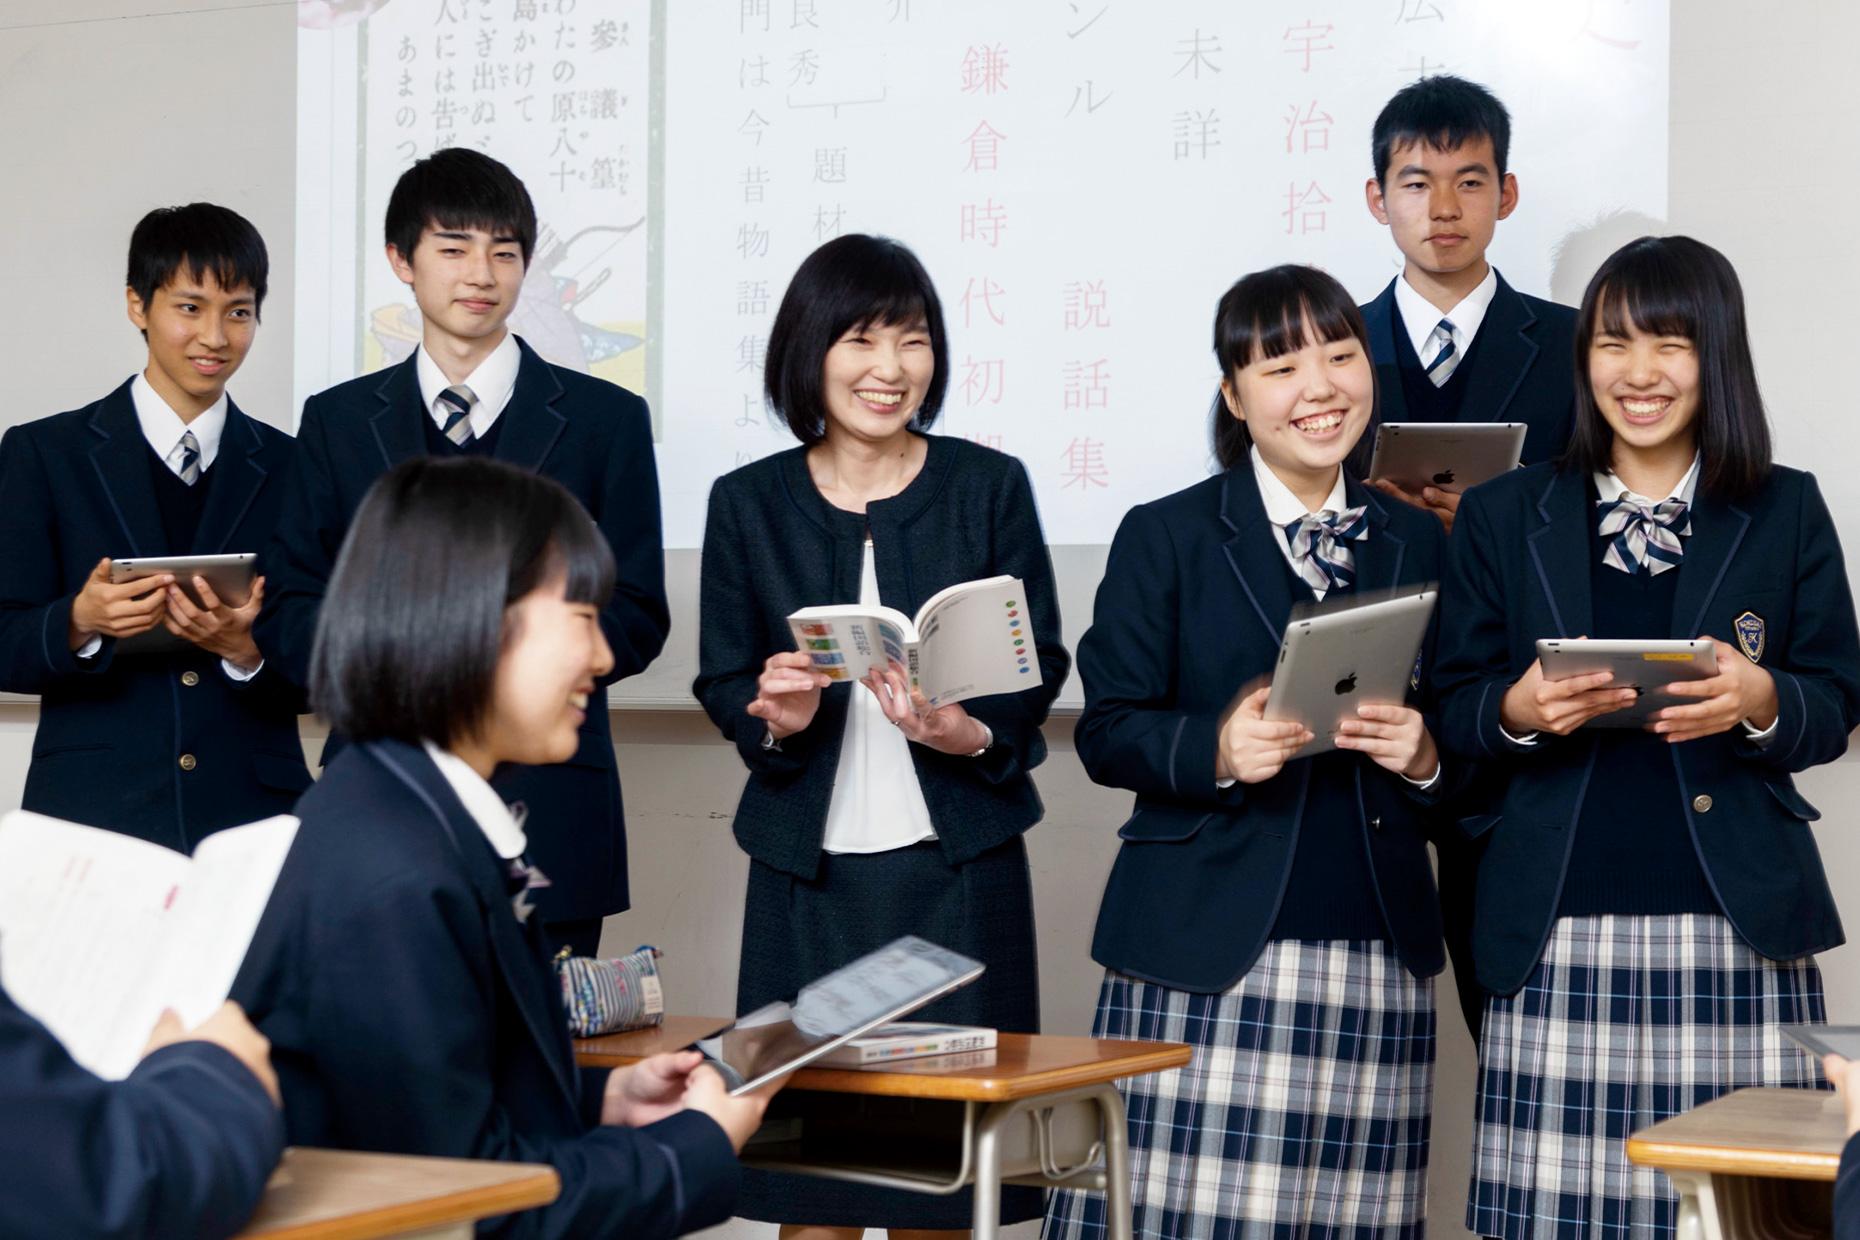 付属 武蔵野 高校 大学 武蔵野音大付属高校の犯人は誰?高3女子の名前や顔画像・動機を特定?